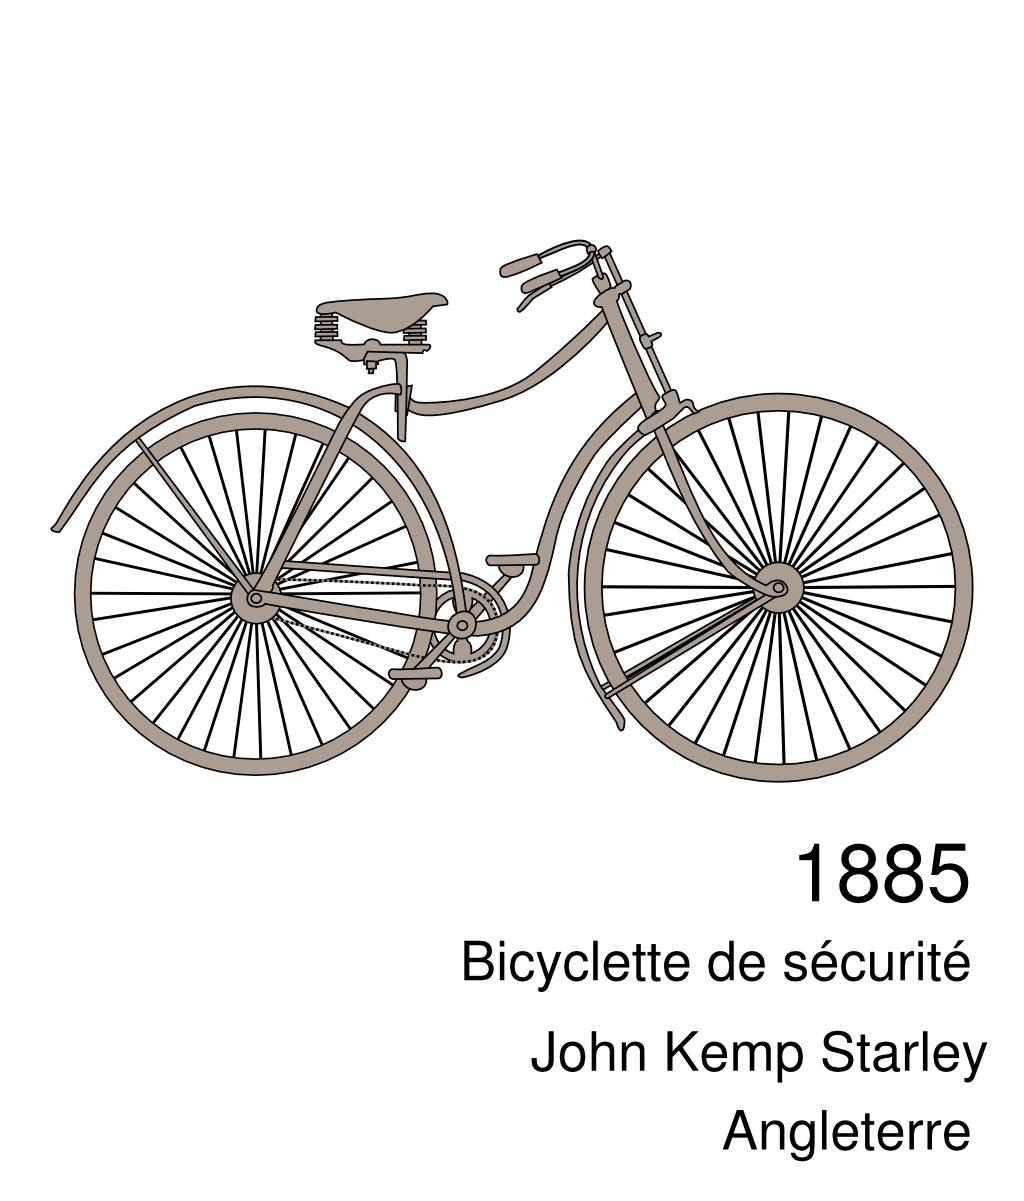 Bicyclette Image ressources Éducatives libres - data.abuledu | les ressources